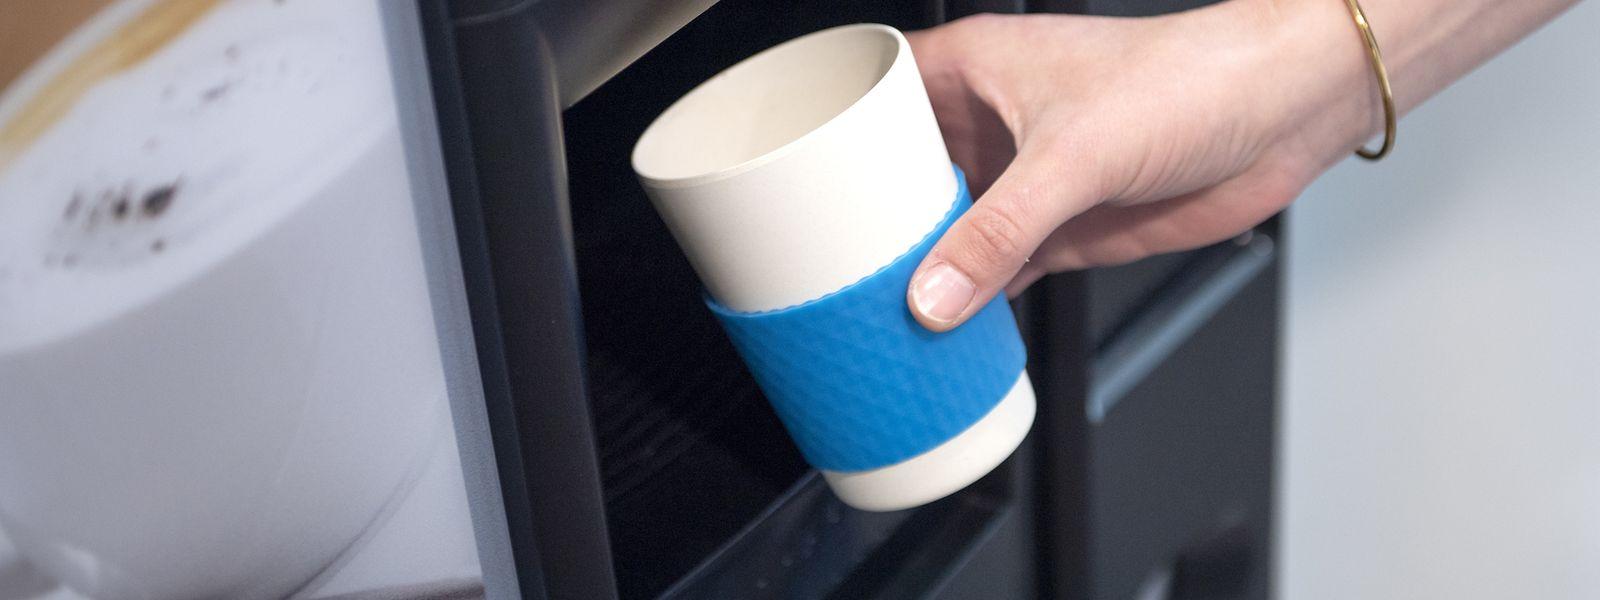 Für den heißen Kaffee sind Bambusbecher ungeeignet: Darin enthaltenes Melamin kann sich lösen und ins Getränk geraten.